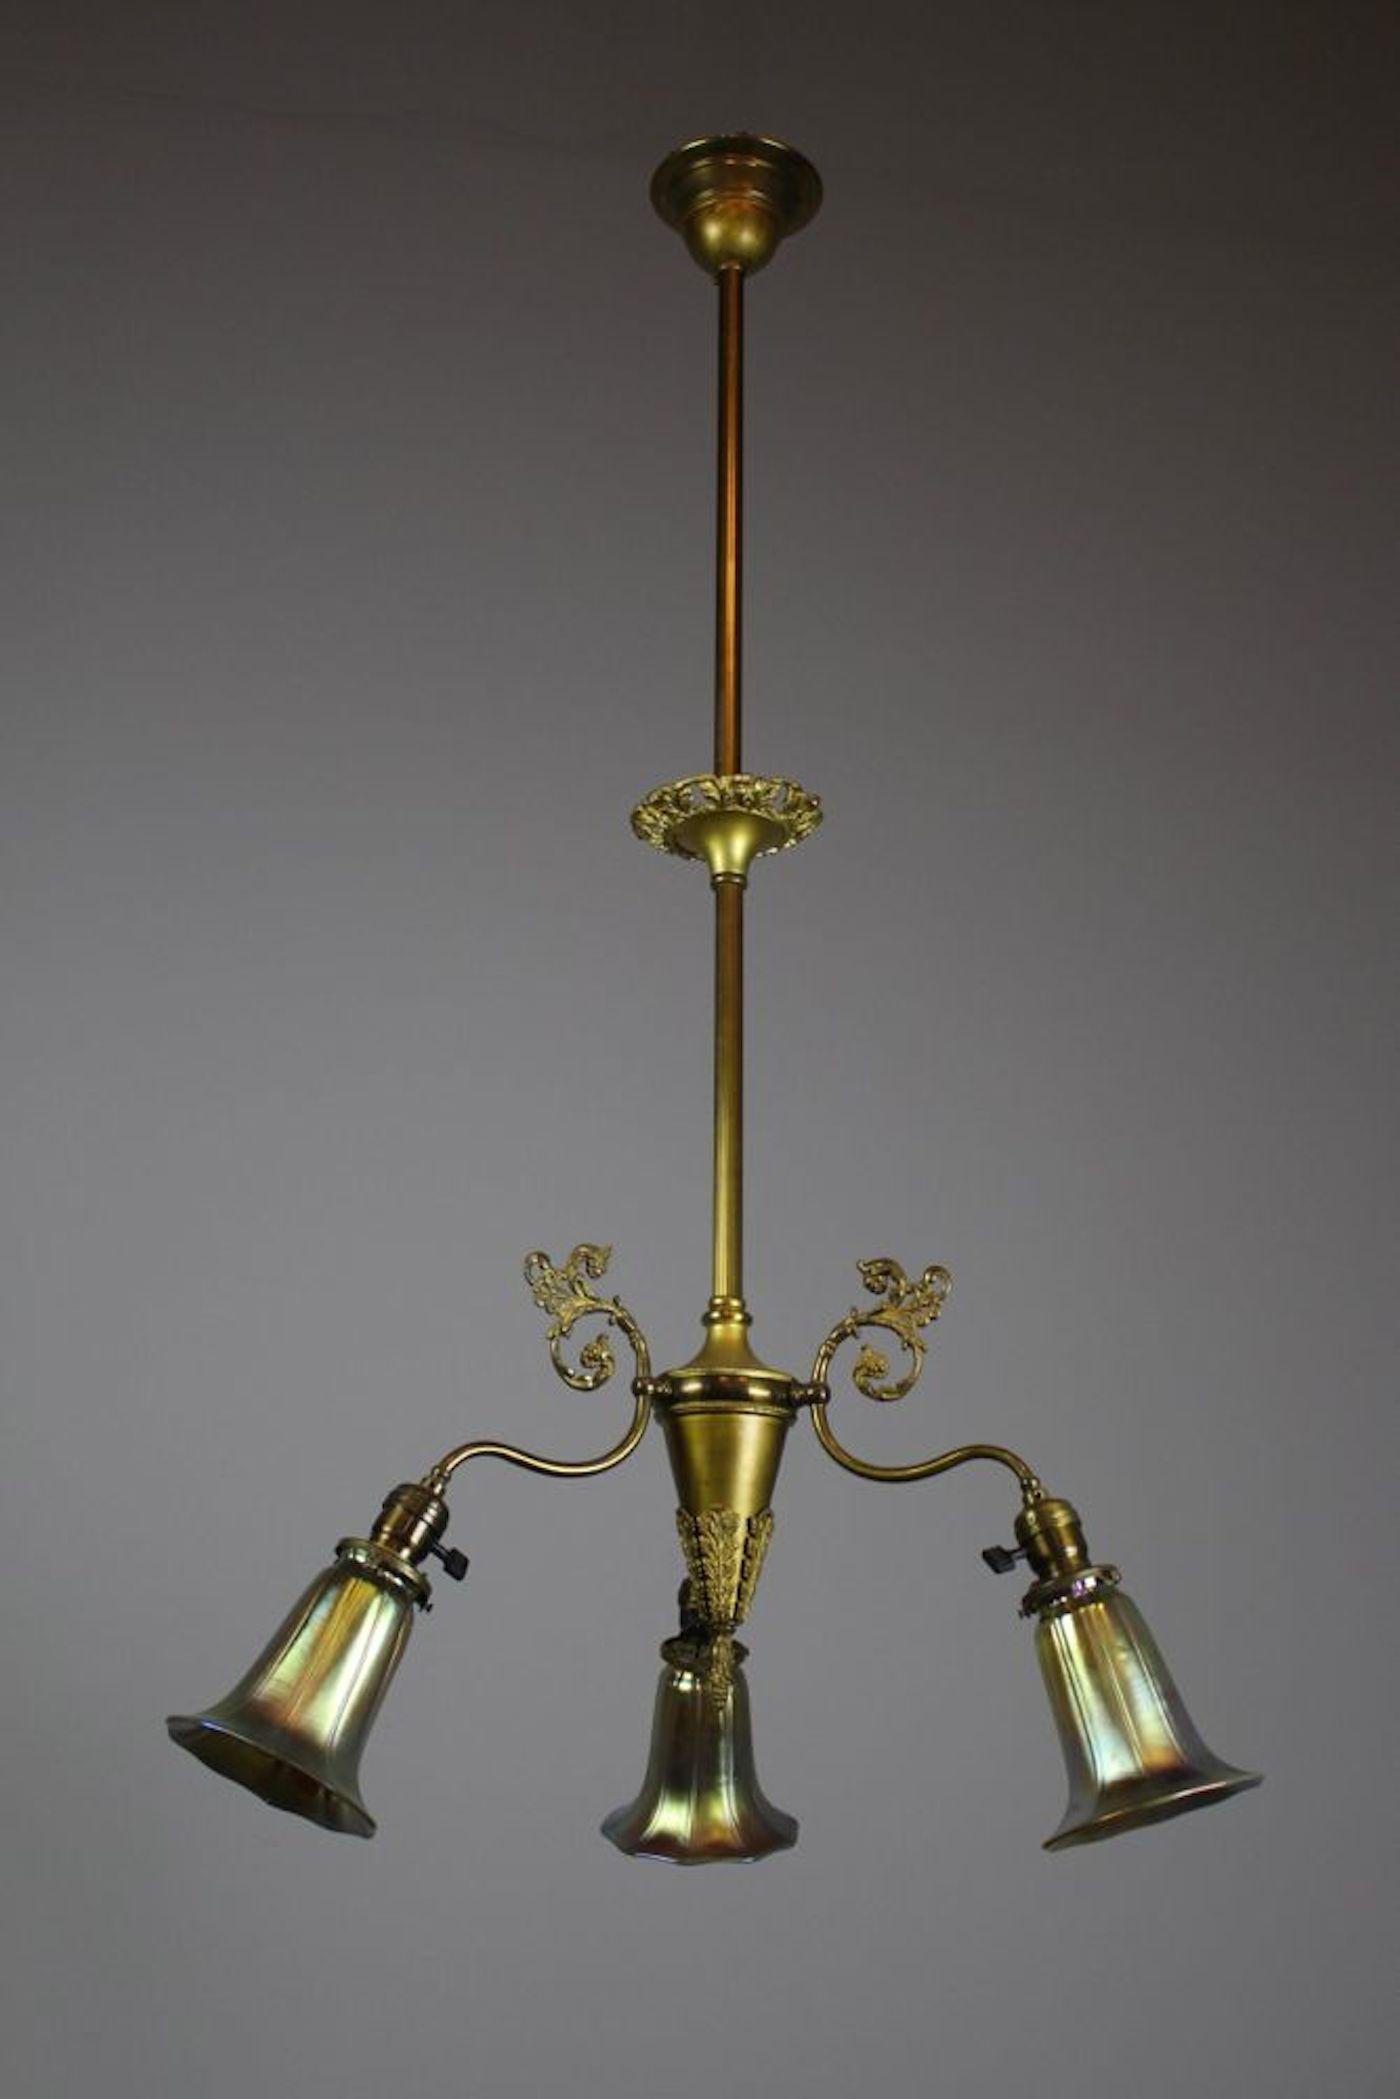 Victorian Brass Light Fixture 3 Light